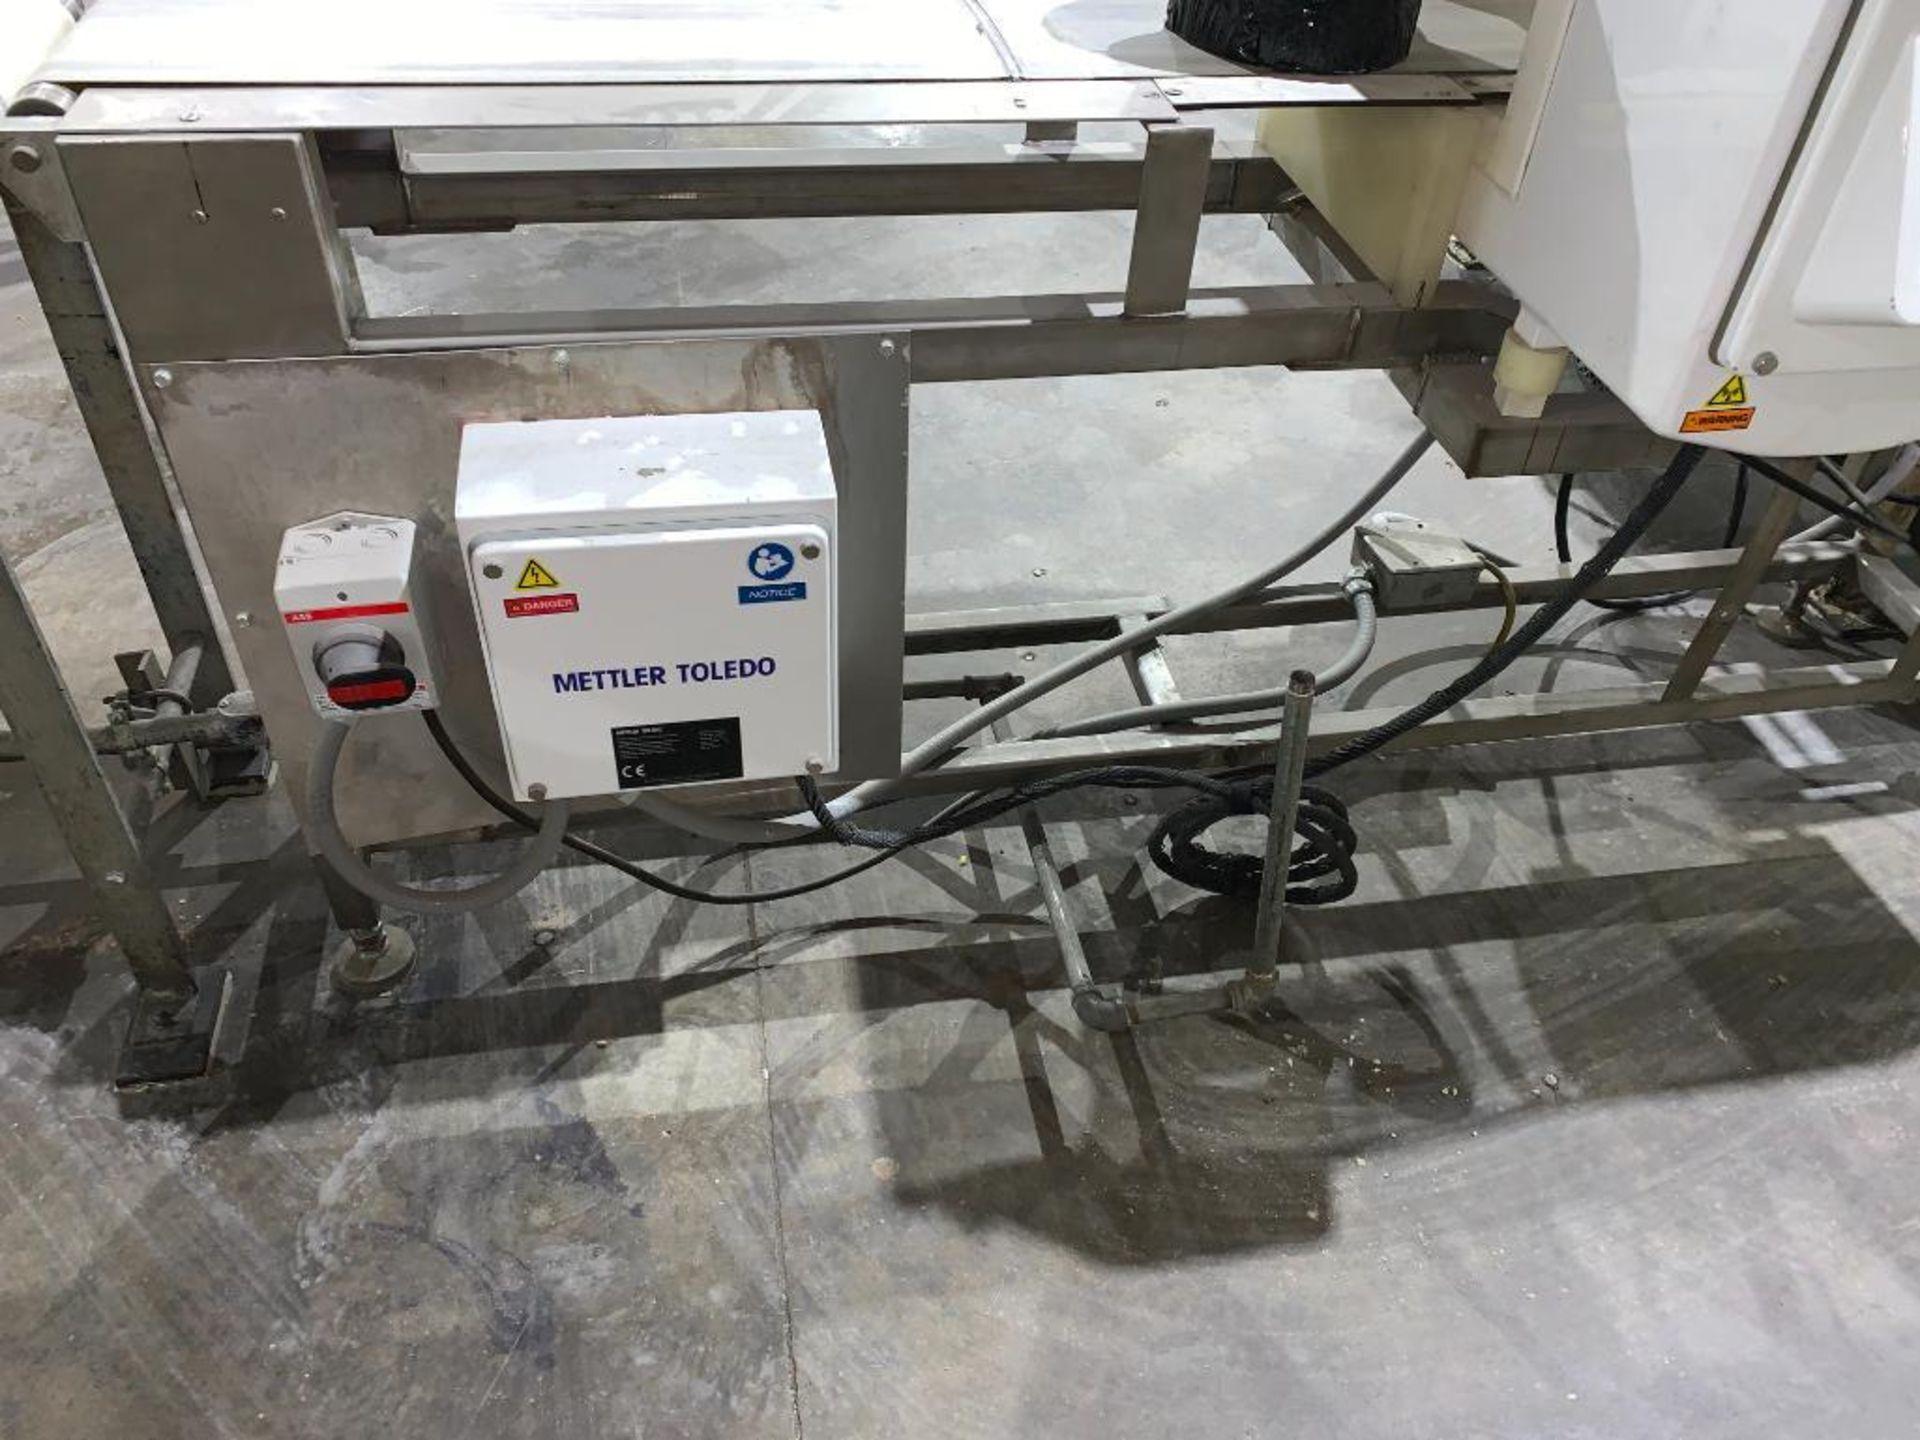 Mettler Toledo metal detector - Image 24 of 24